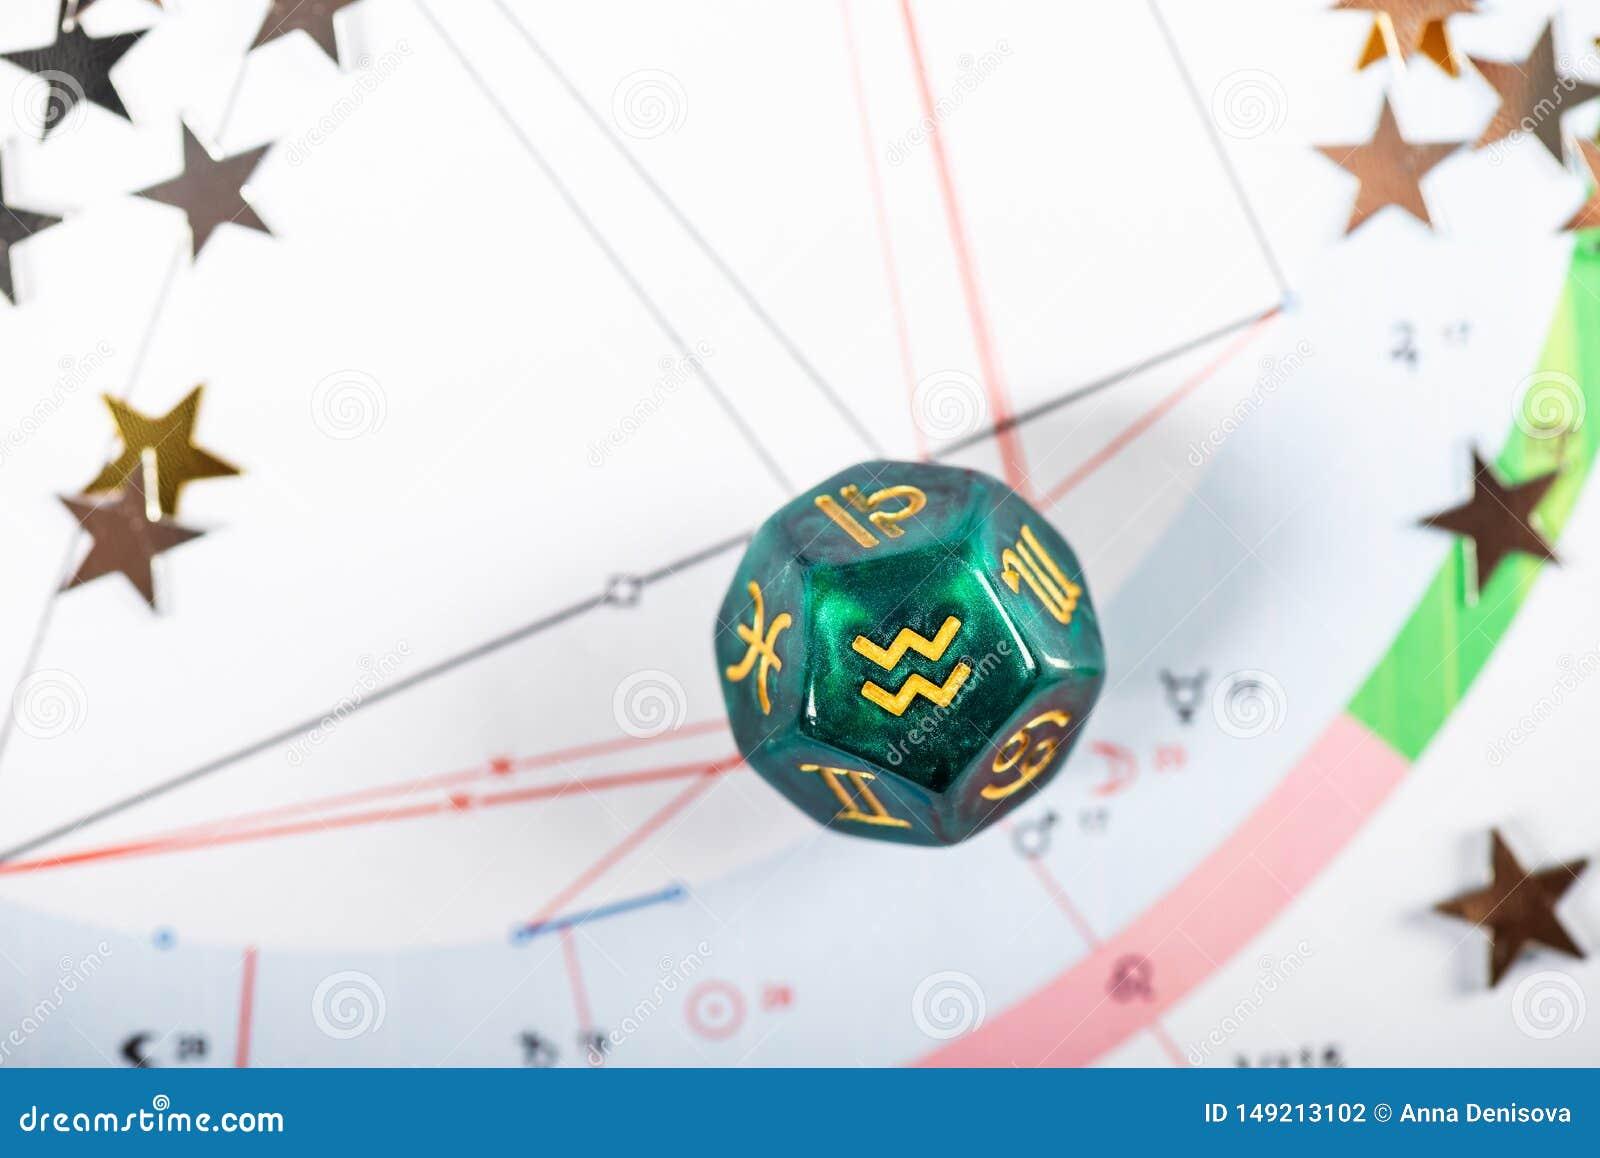 与宝瓶星座1月20日的黄道带标志的占星术模子- 2月18日